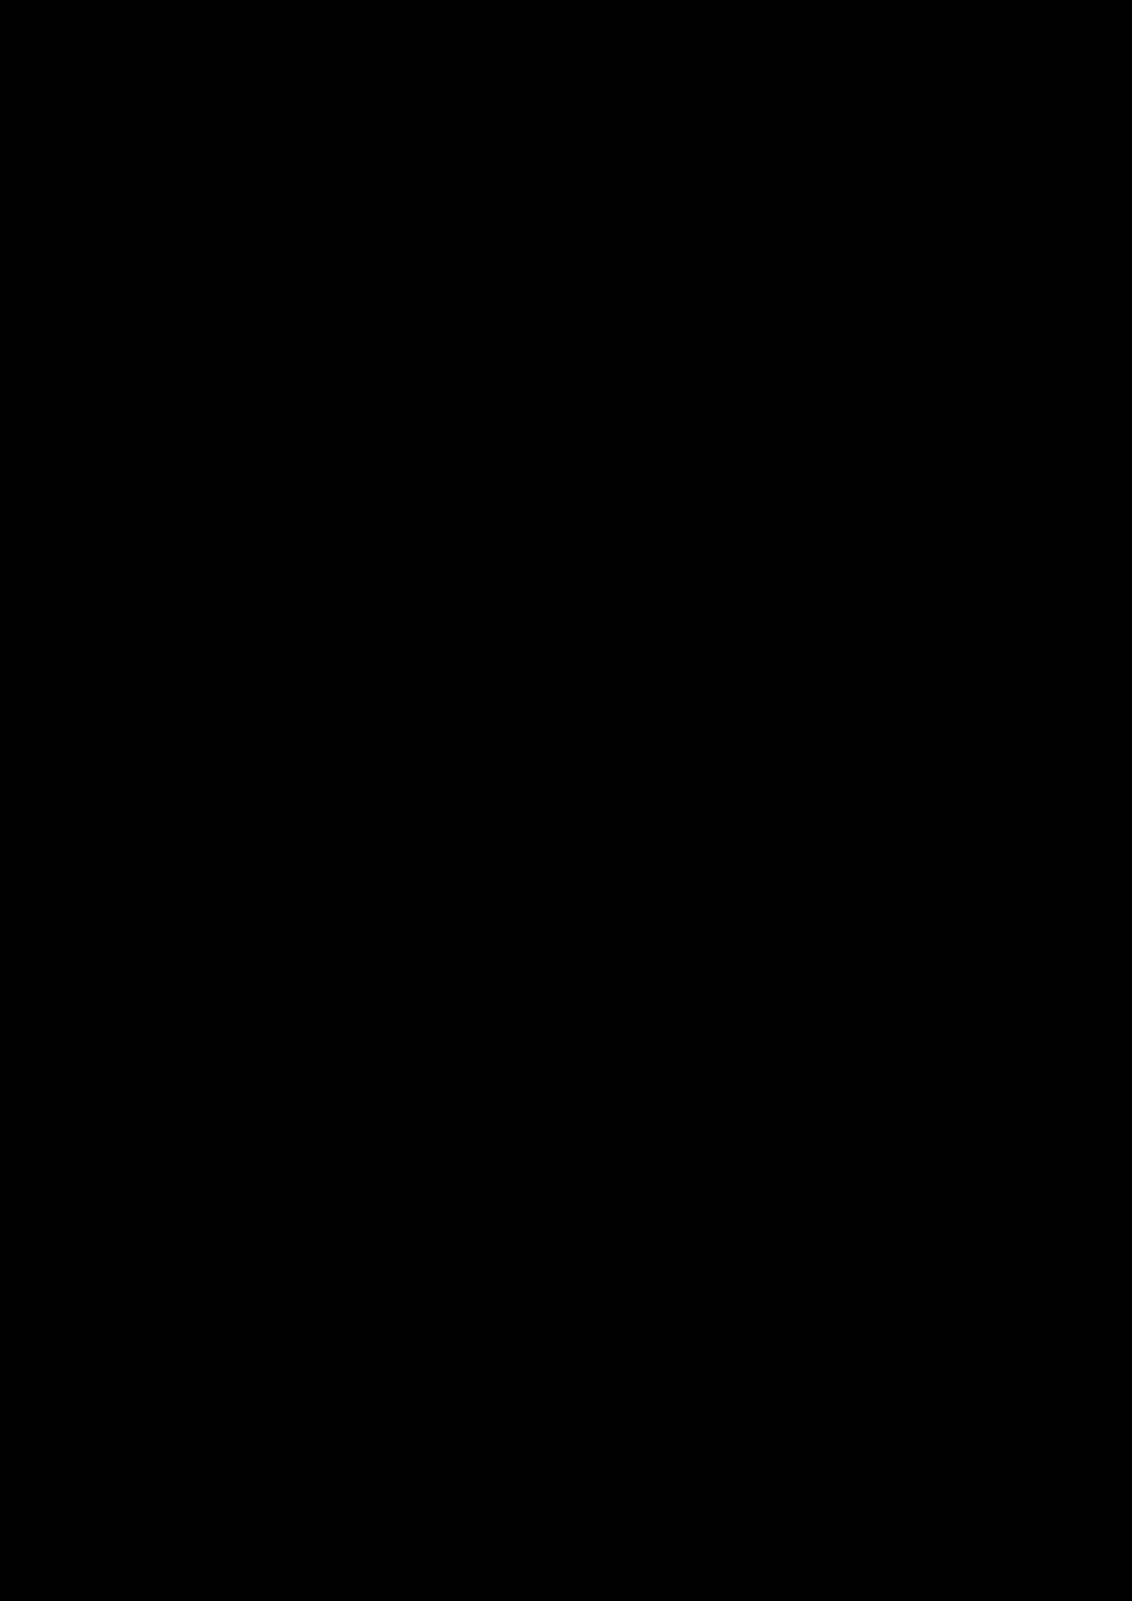 Serdtse slide, Image 72